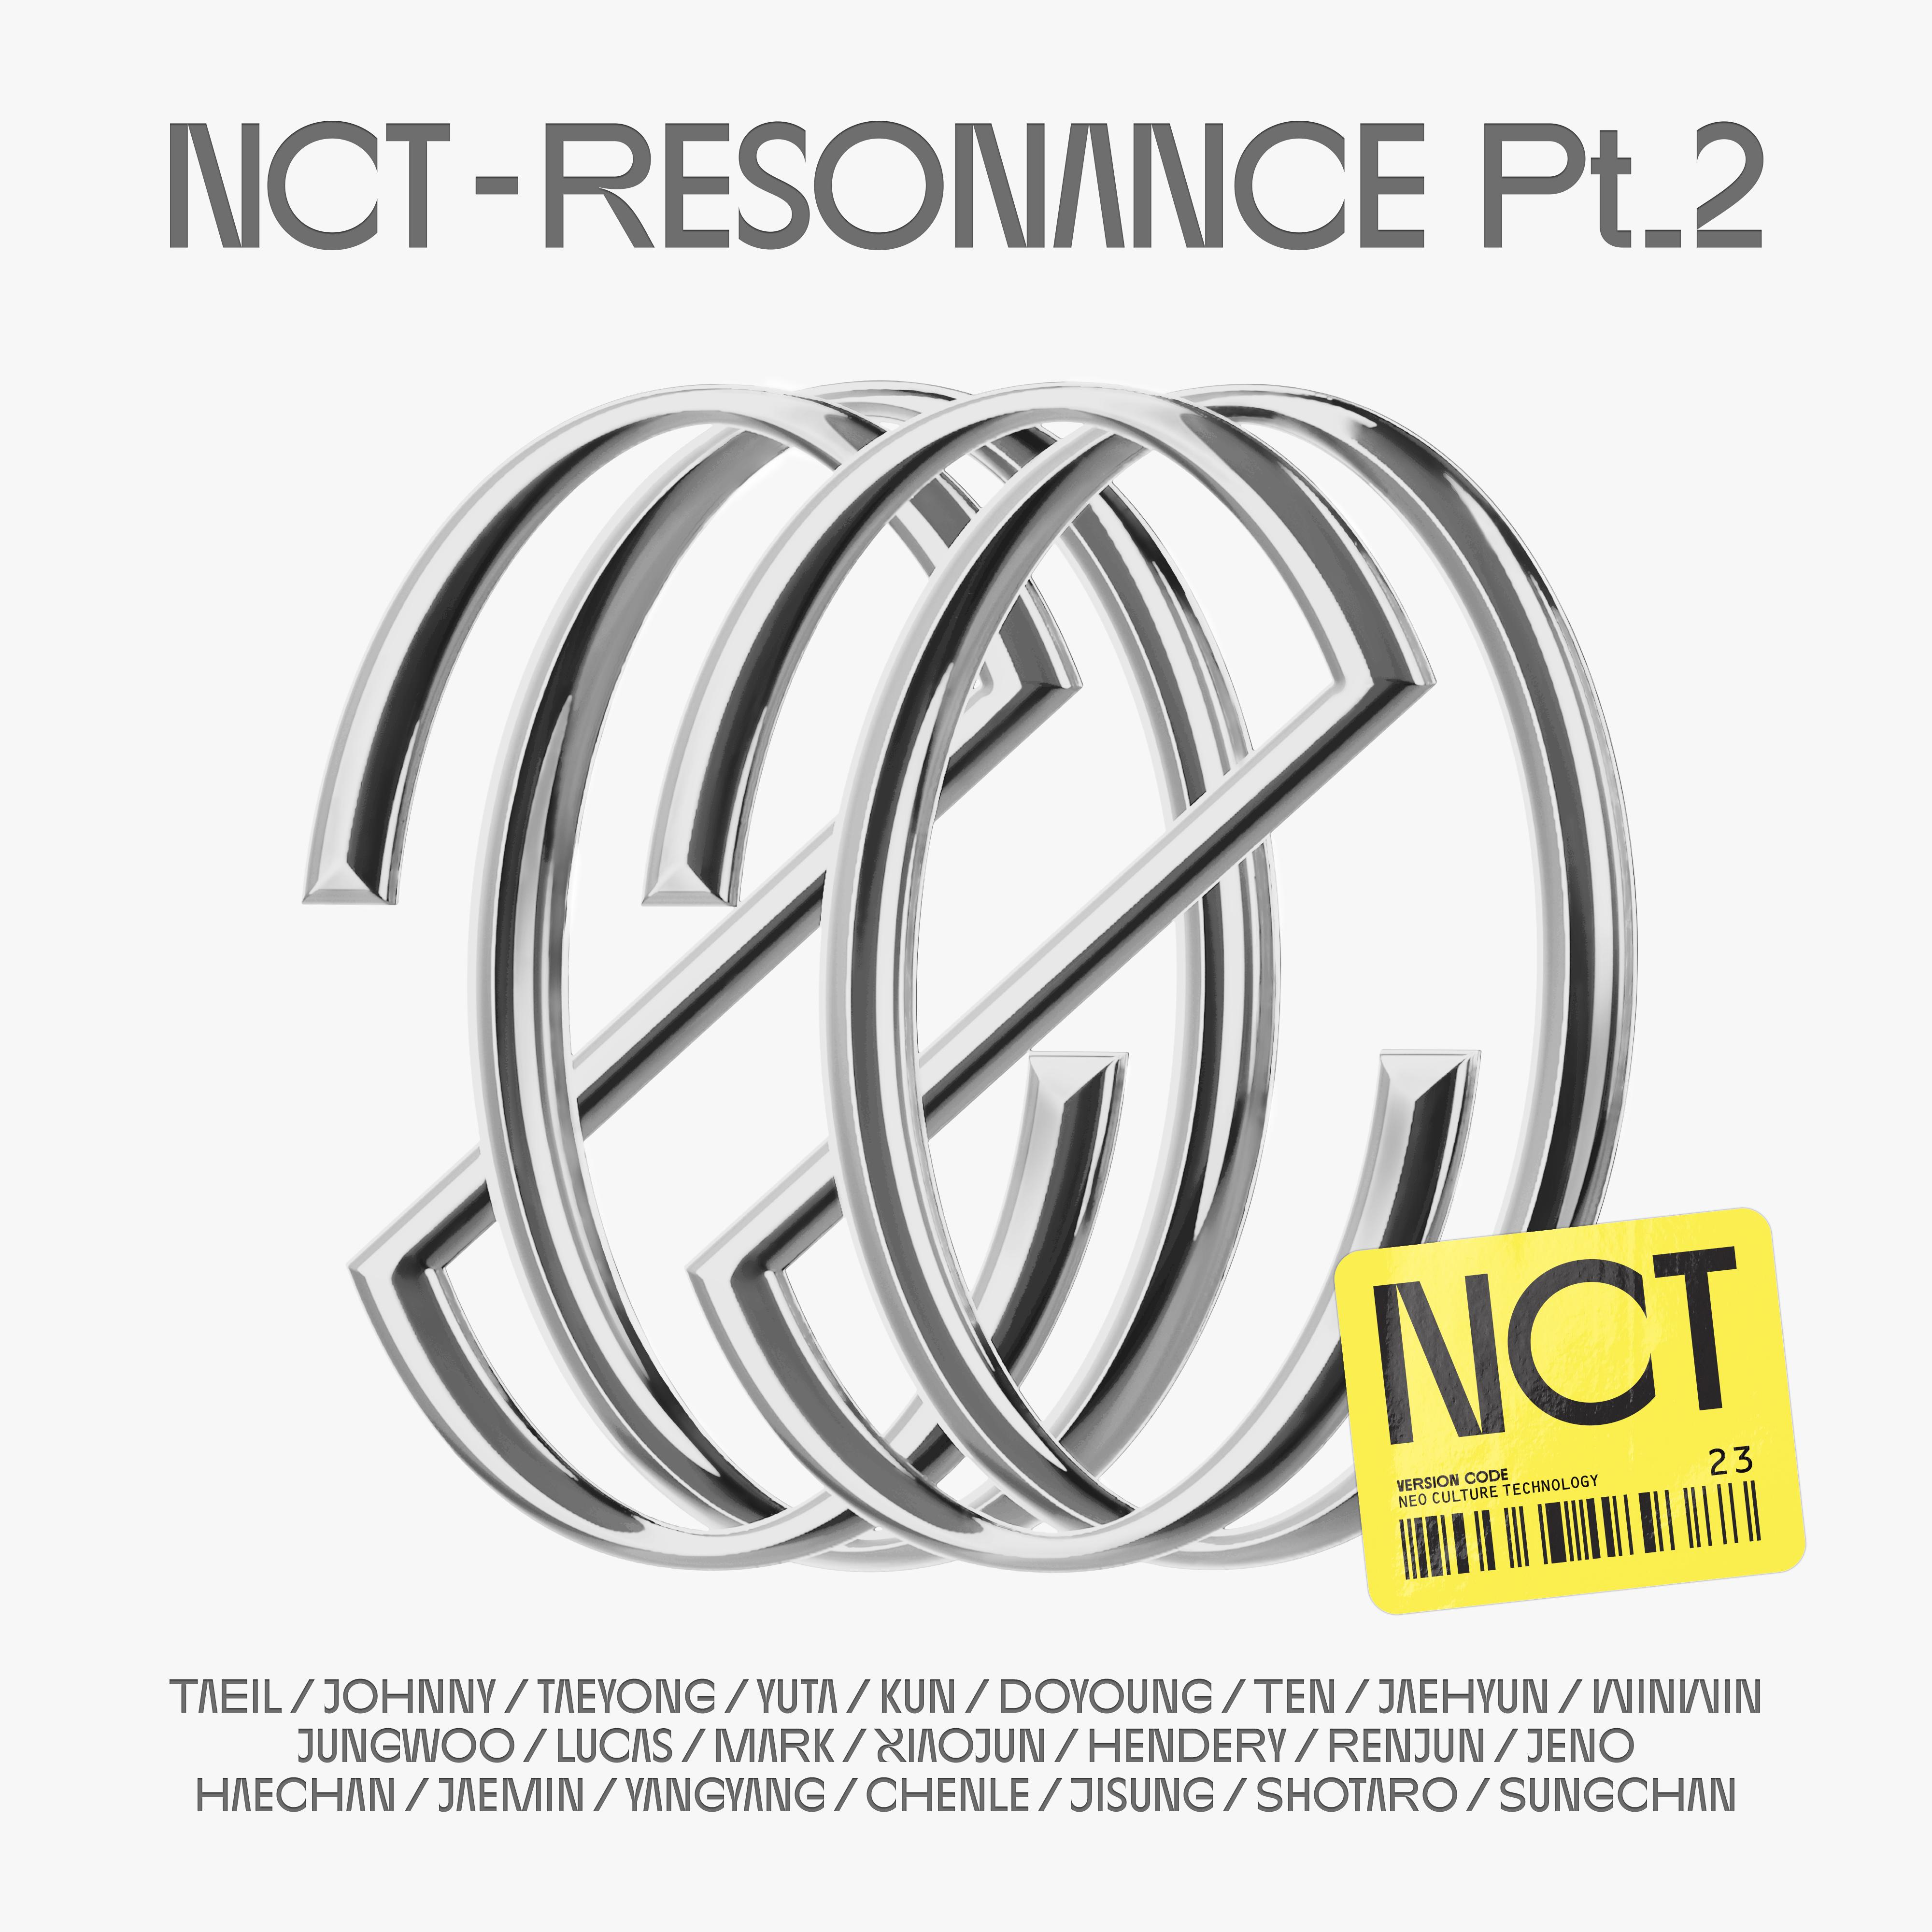 [影音] NCT RESONANCE Pt. 2 - The 2nd Album